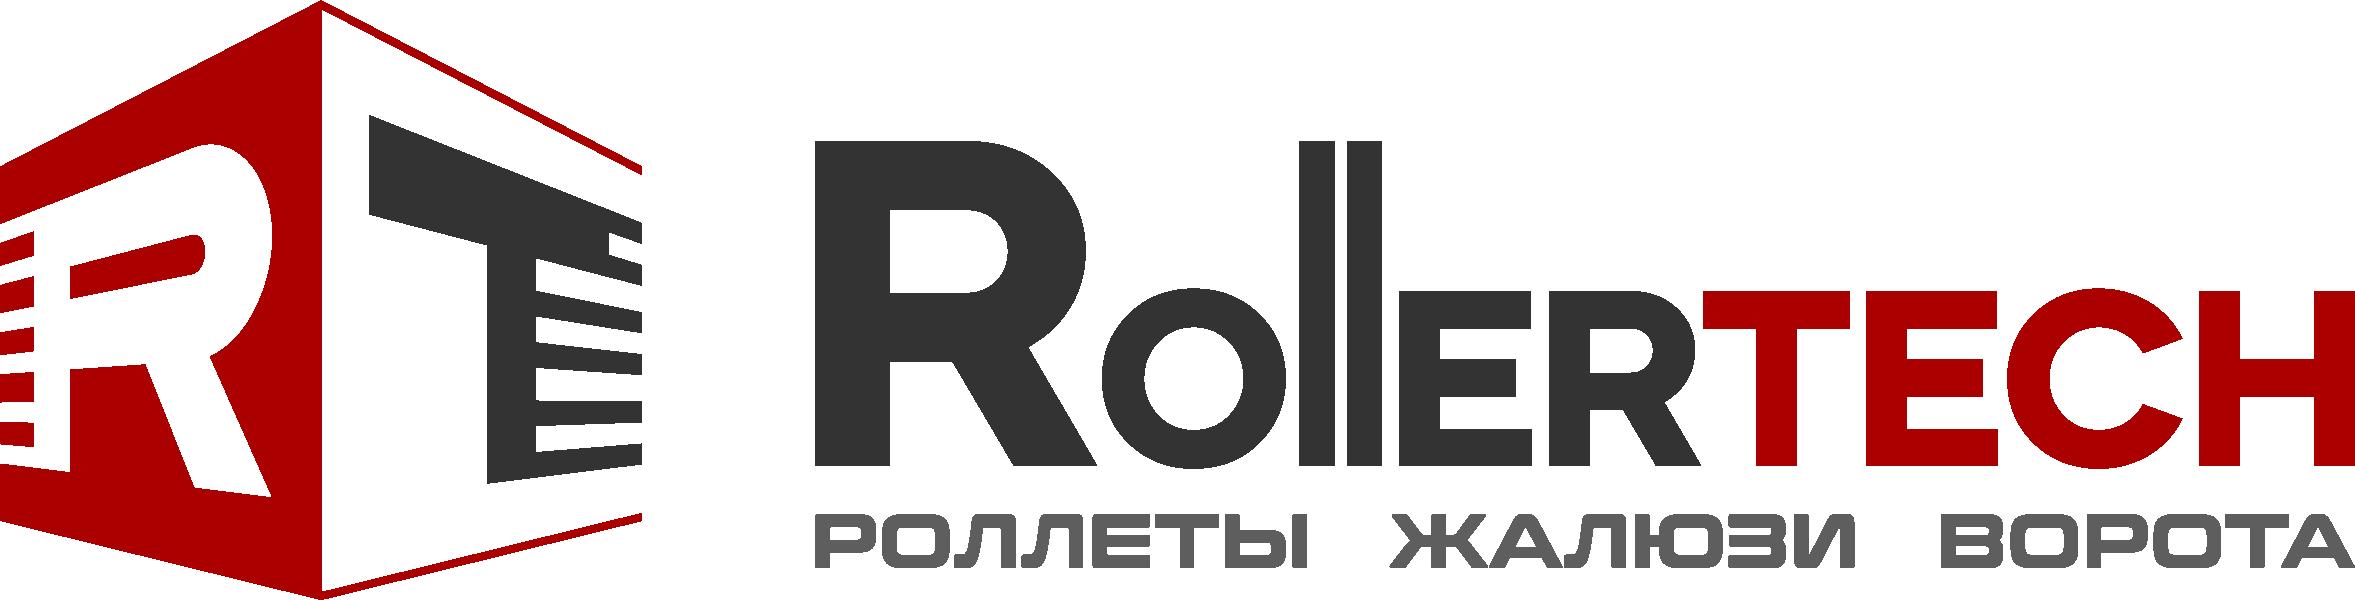 фото логотип роллертех